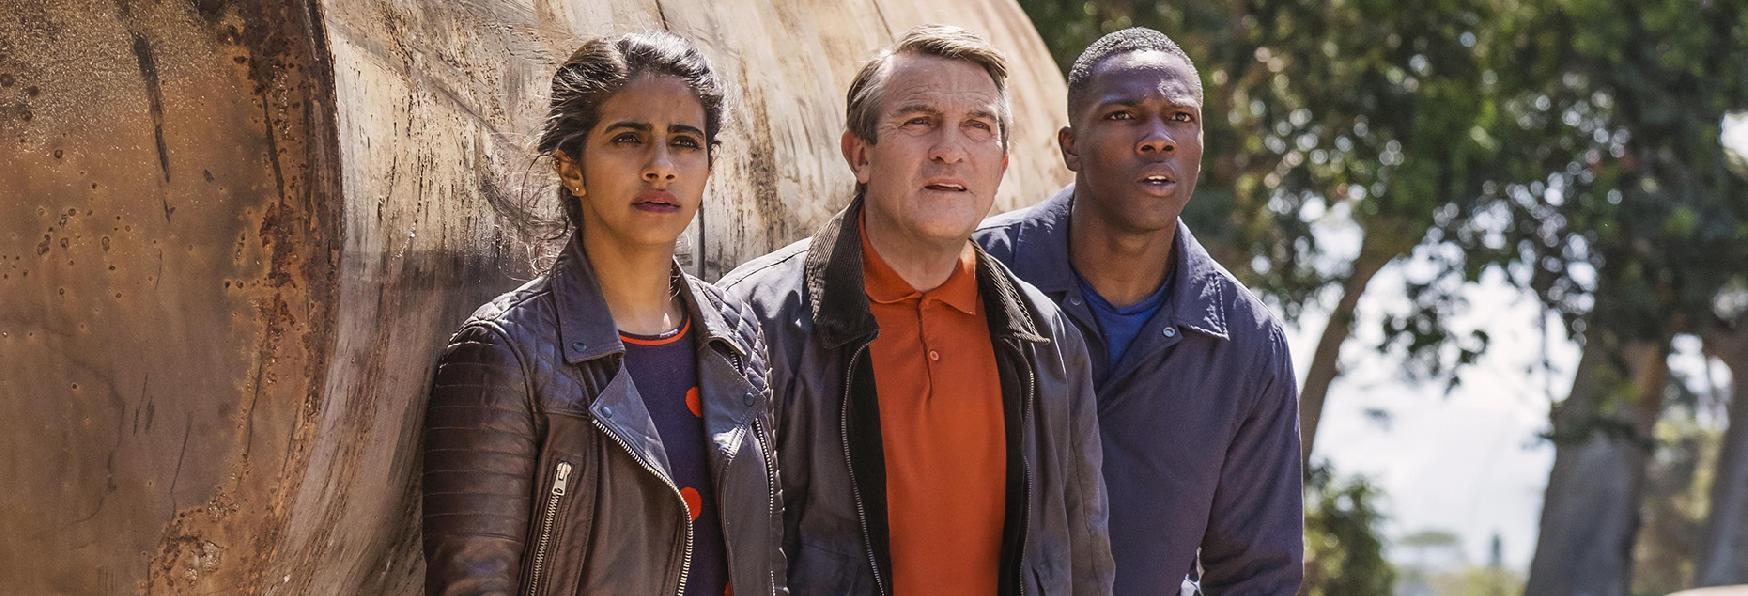 Recensione dell'Episodio 11x03 di Doctor Who, Rosa: una piacevole sorpresa!